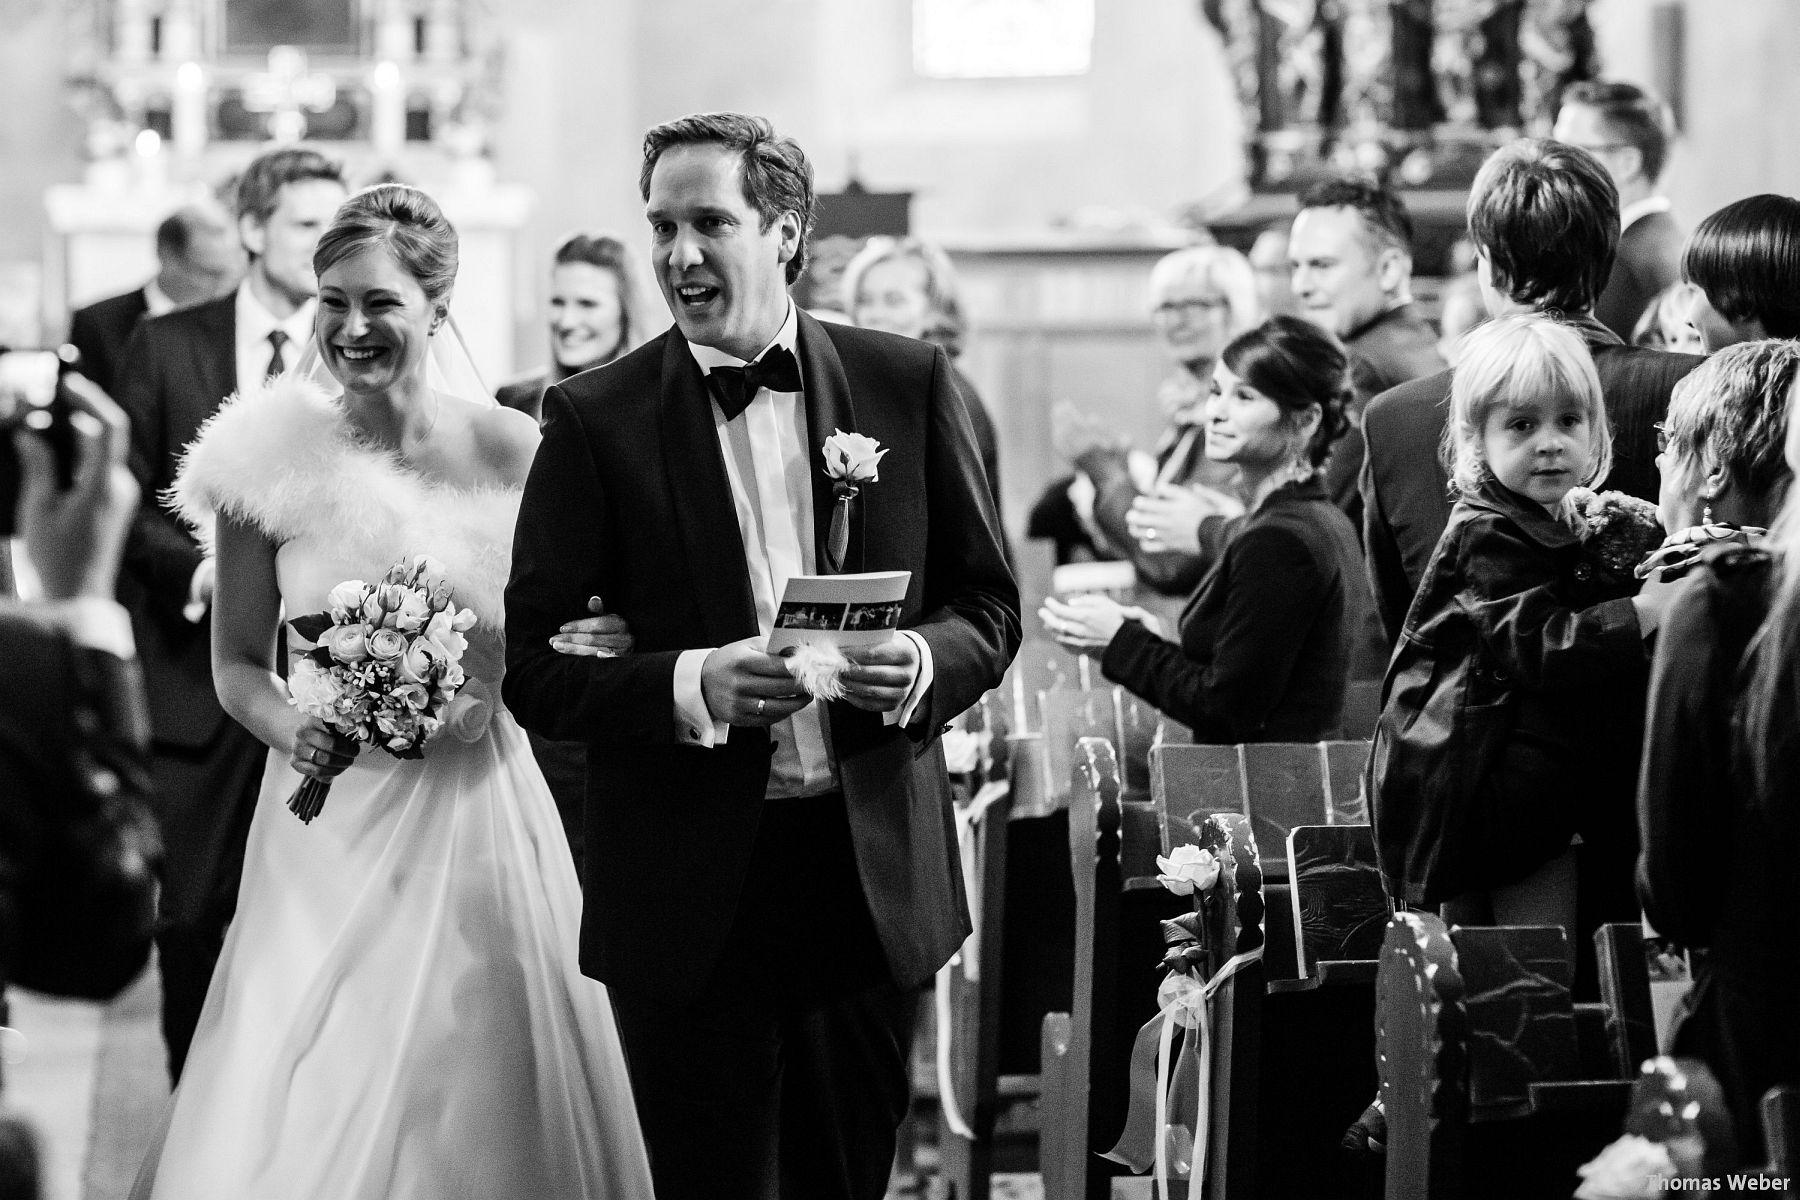 Hochzeitsfotograf Rastede: Kirchliche Trauung in der St. Ulrichs Kirche Rastede und Hochzeitsfeier in der Eventscheune St Georg Rastede mit dem Catering von Michael Niebuhr aus Oldenburg (32)